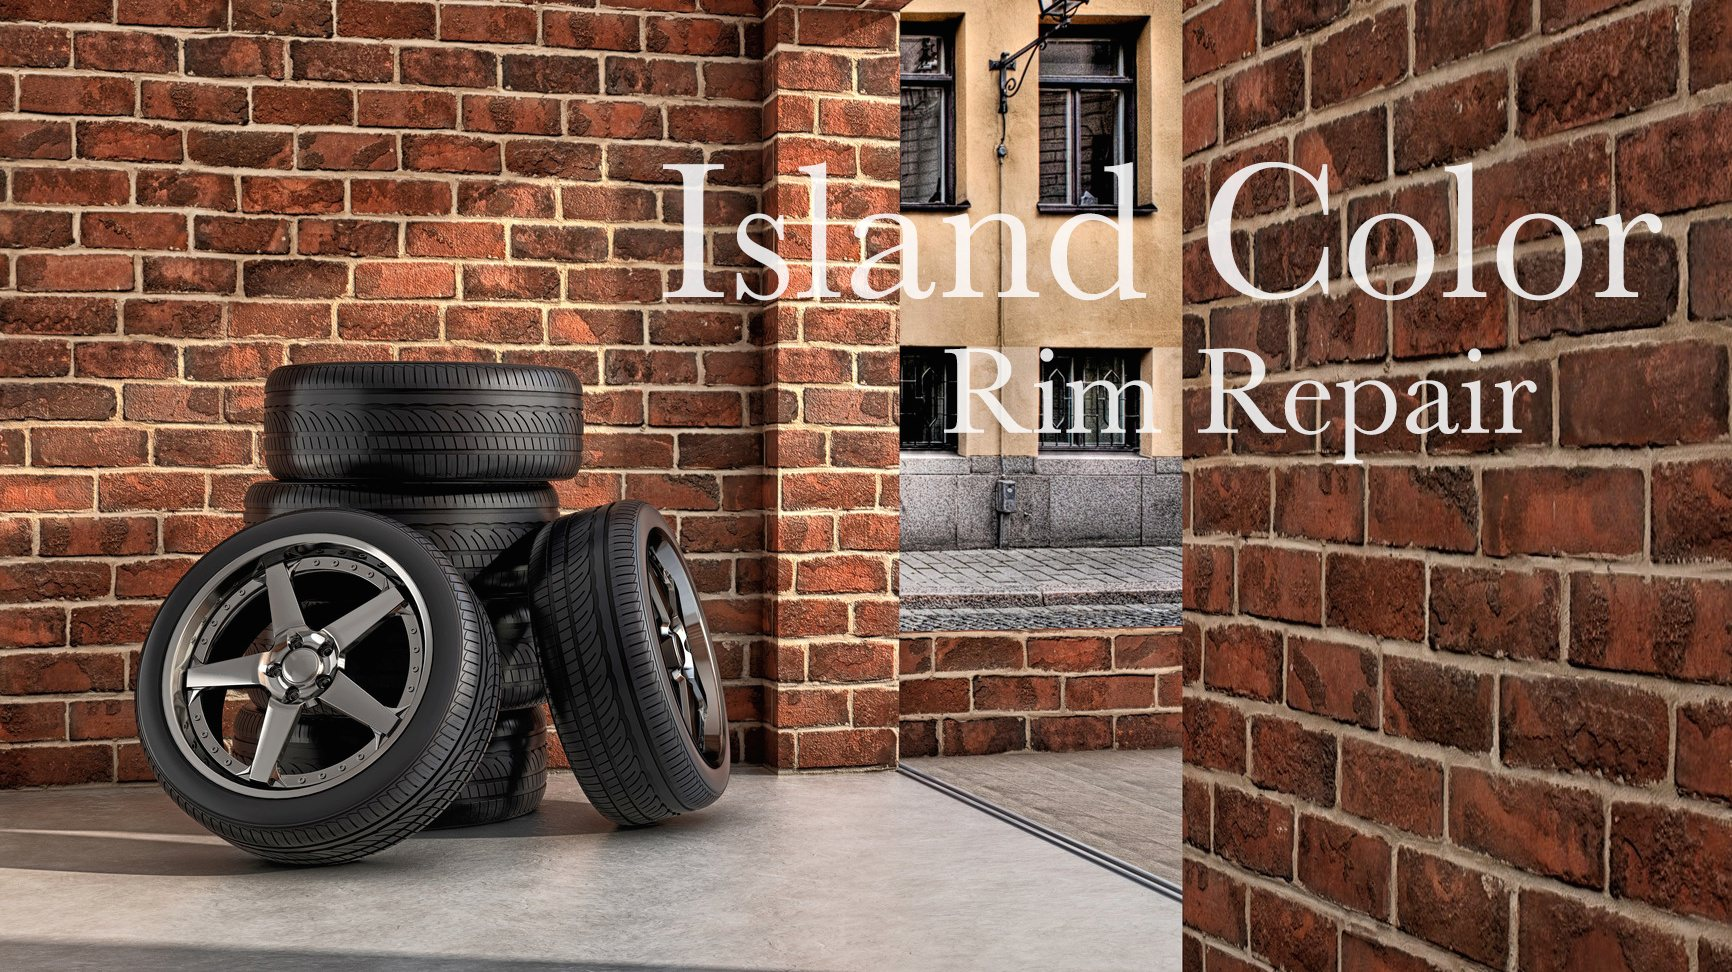 Services: Rim Repair